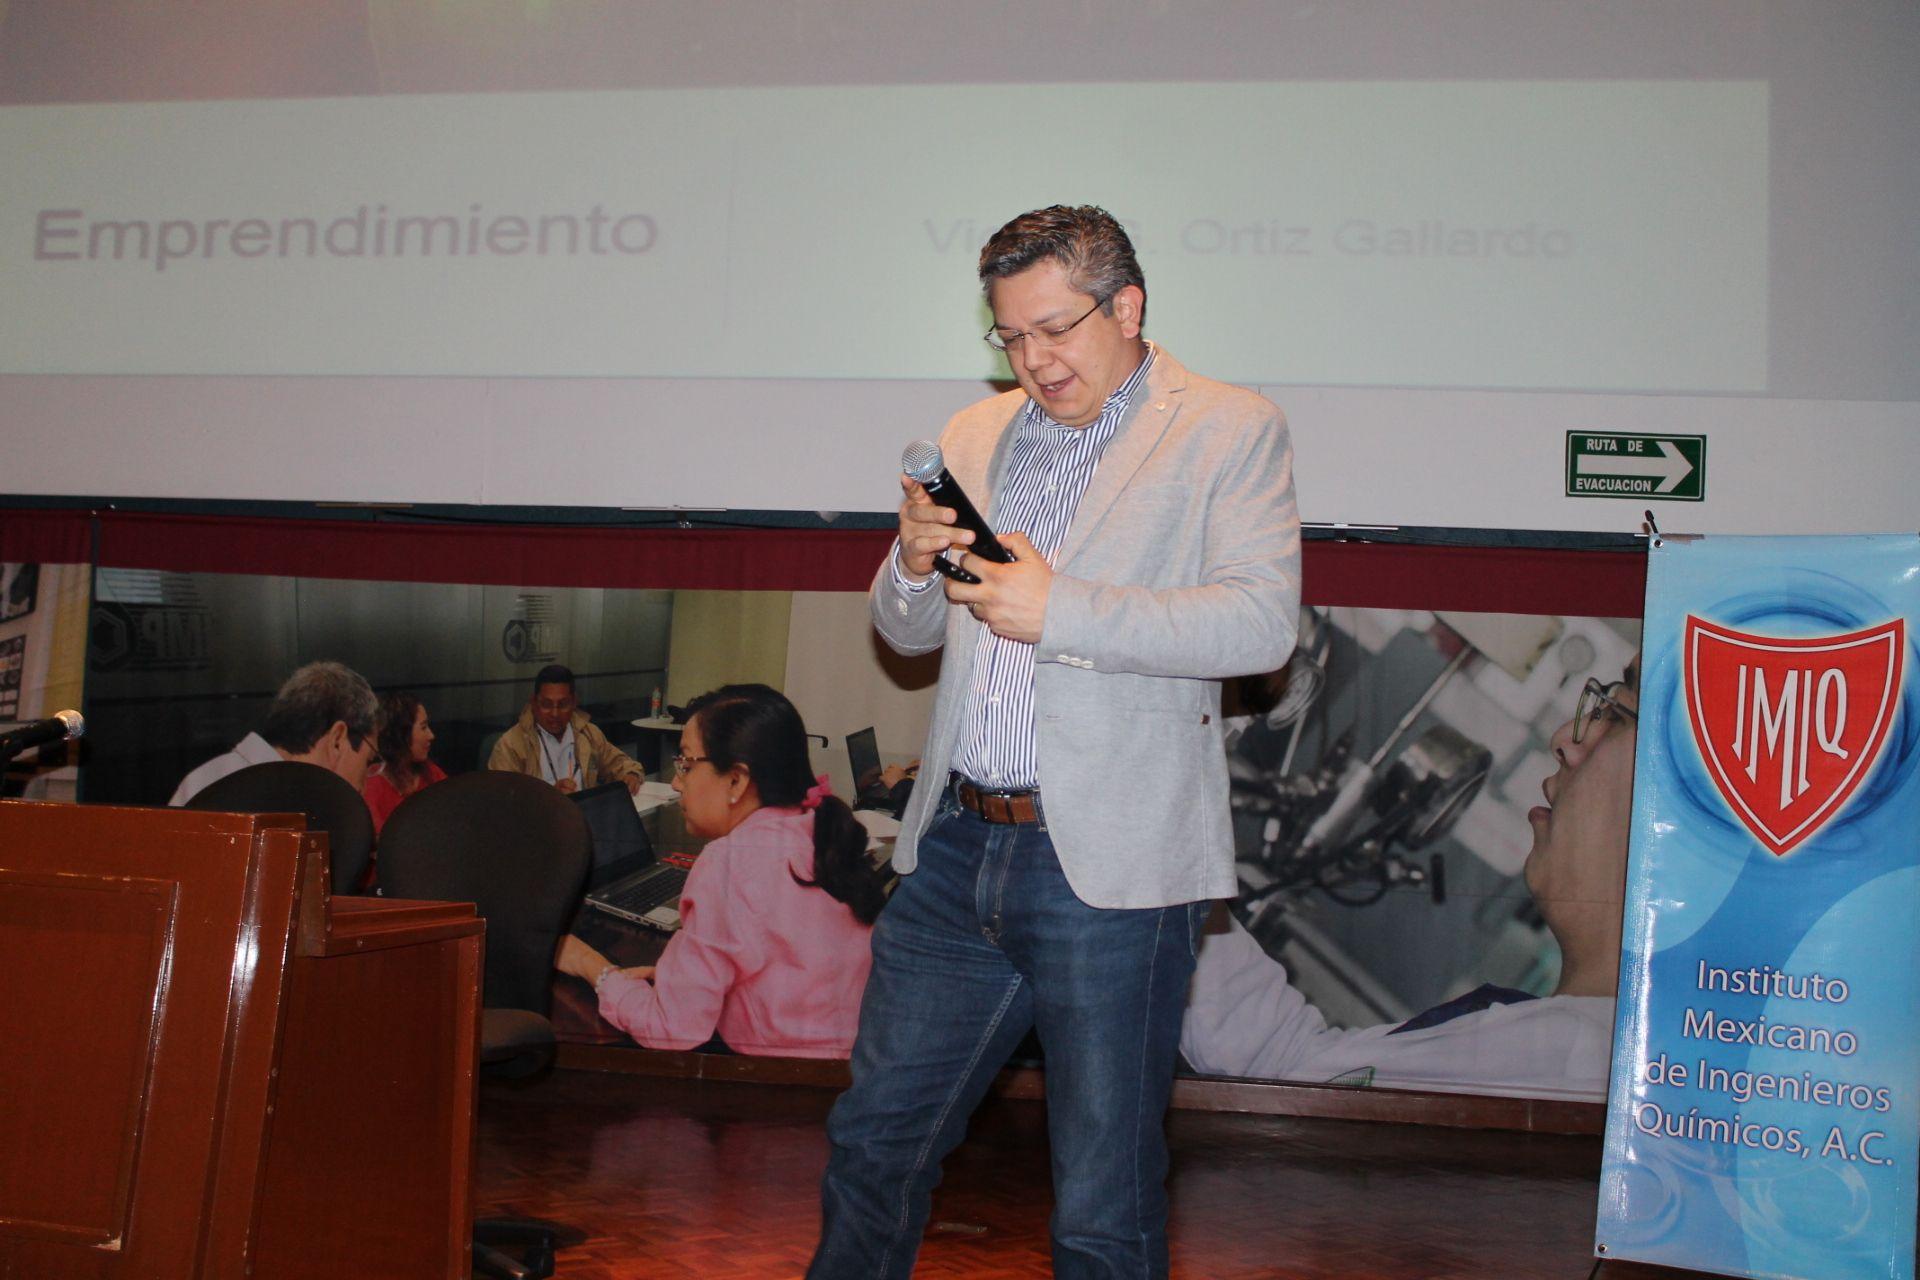 DR. VICTOR ORTIZ - EMPRENDIMIENTO